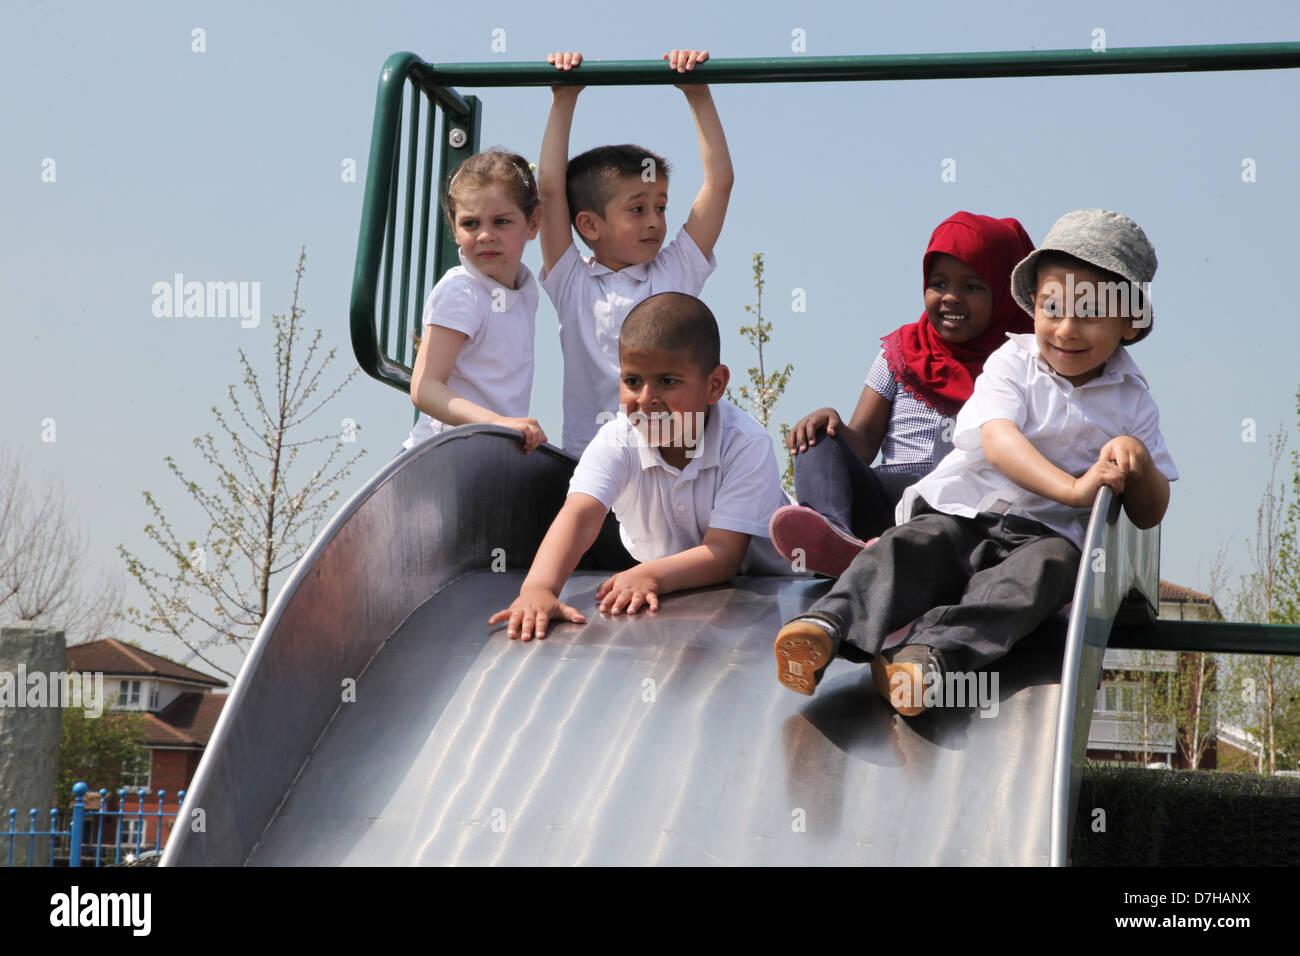 Niños jugando en una diapositiva en un parque en Londres Imagen De Stock